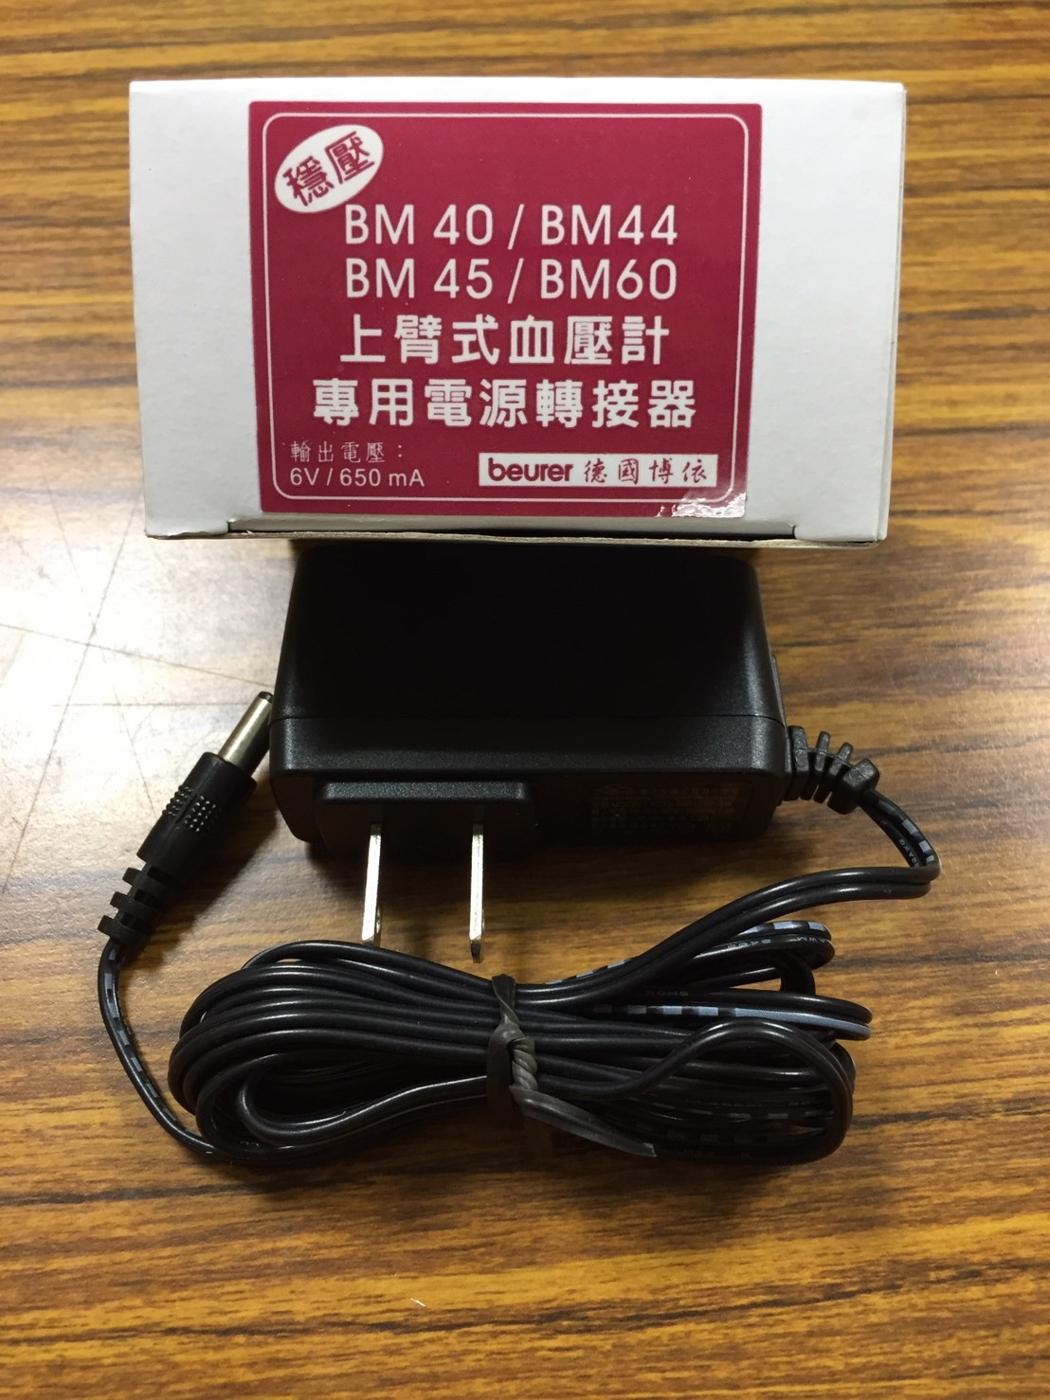 德國博依血壓計專用電源供應器AC配接器,適用機型:BM40/BM44/BM60/BM45/BM55